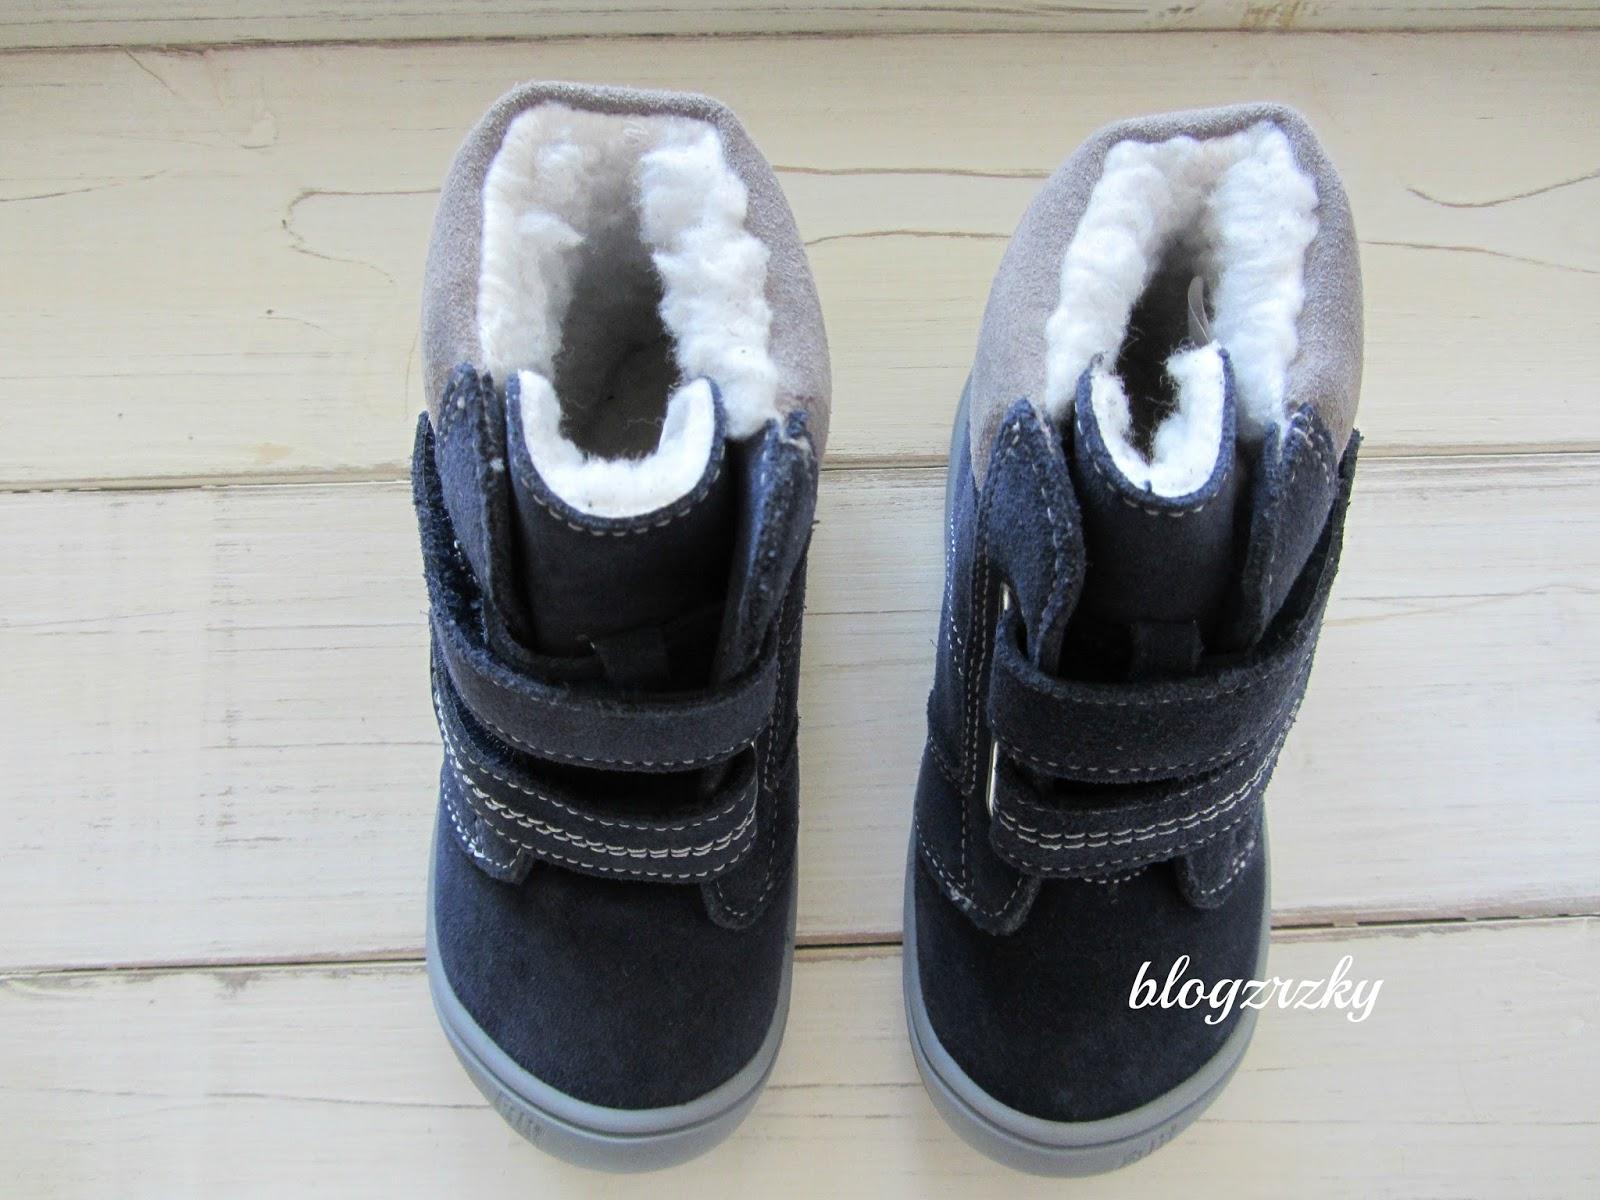 Dokonalé zimní barefoot boty pro normální nohu Filii - Blogerky.cz c167fe81da